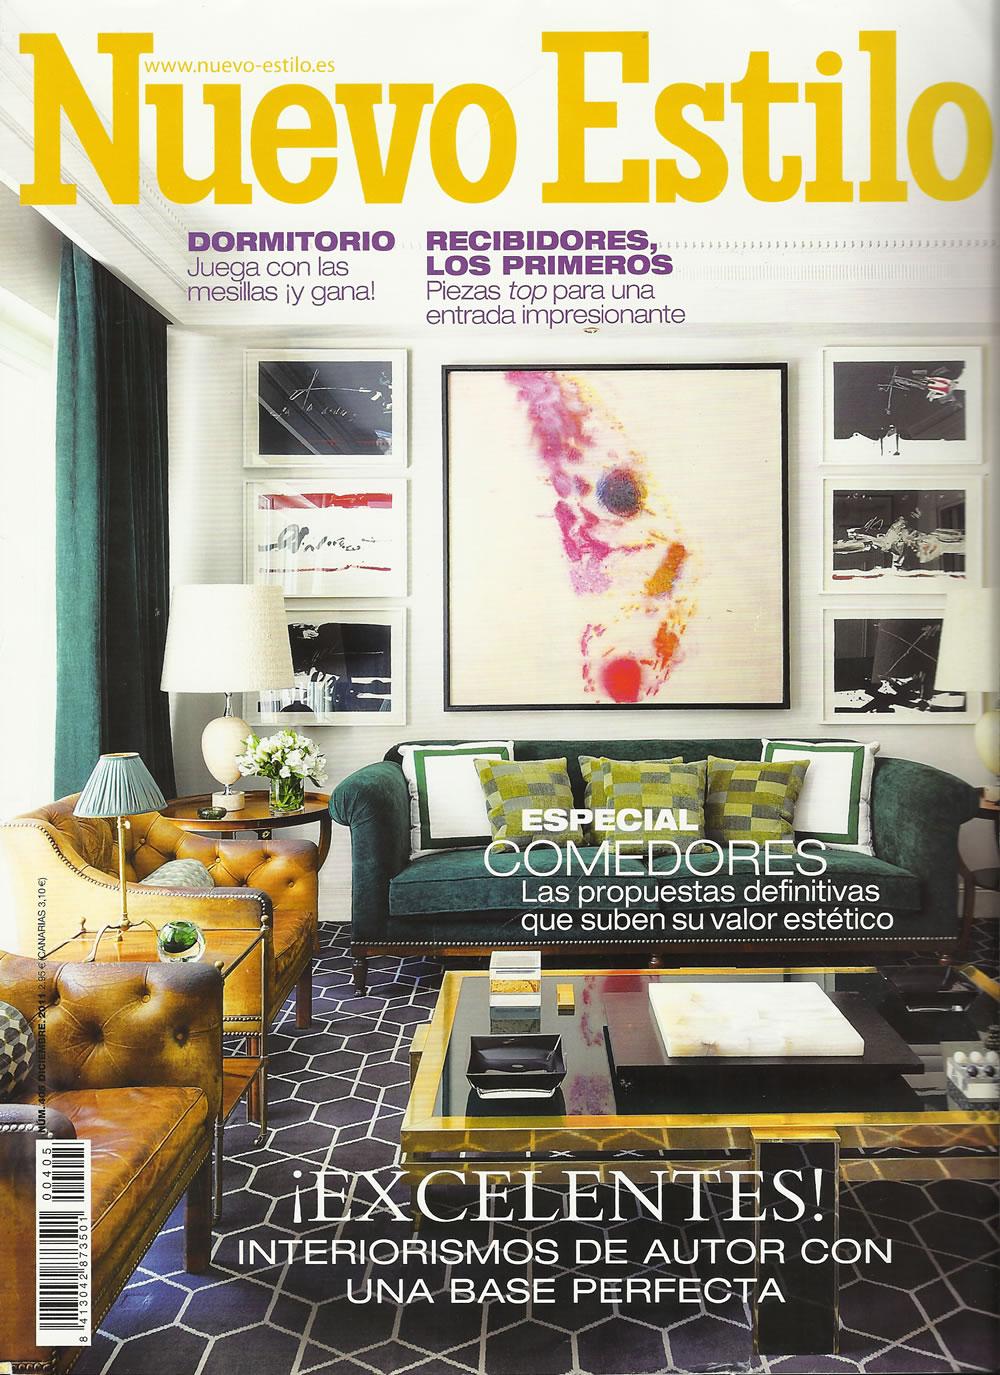 nuevo estilo 2011 en publicaciones nuevo estilo 2011